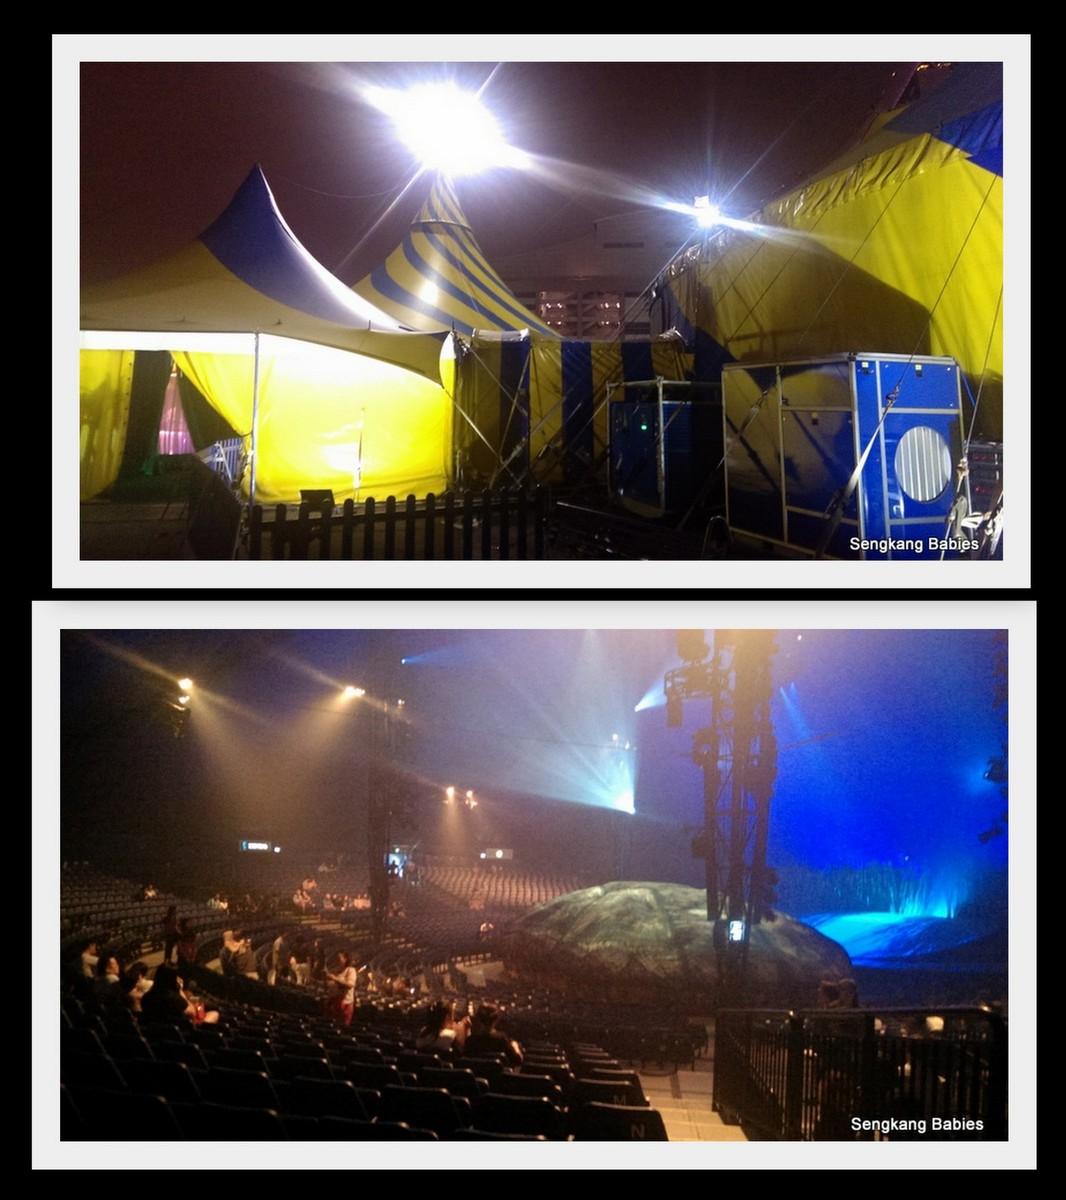 Cirque du Soleil Big top